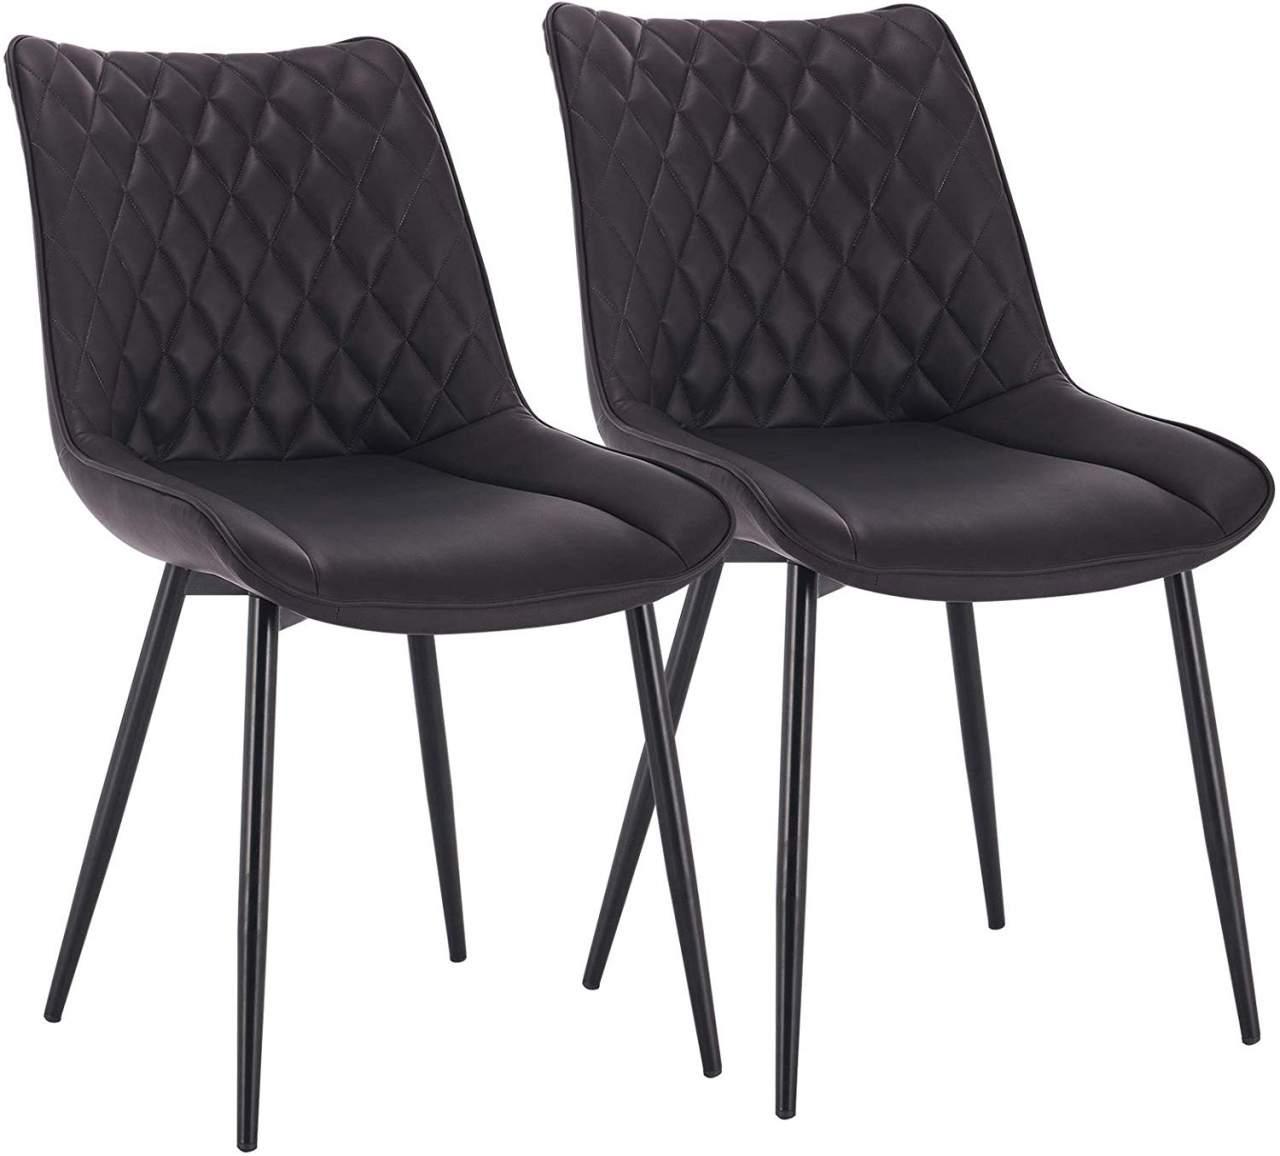 2 Pieces Faux Leather Kitchen Chairs Model Alois Woltu Eu